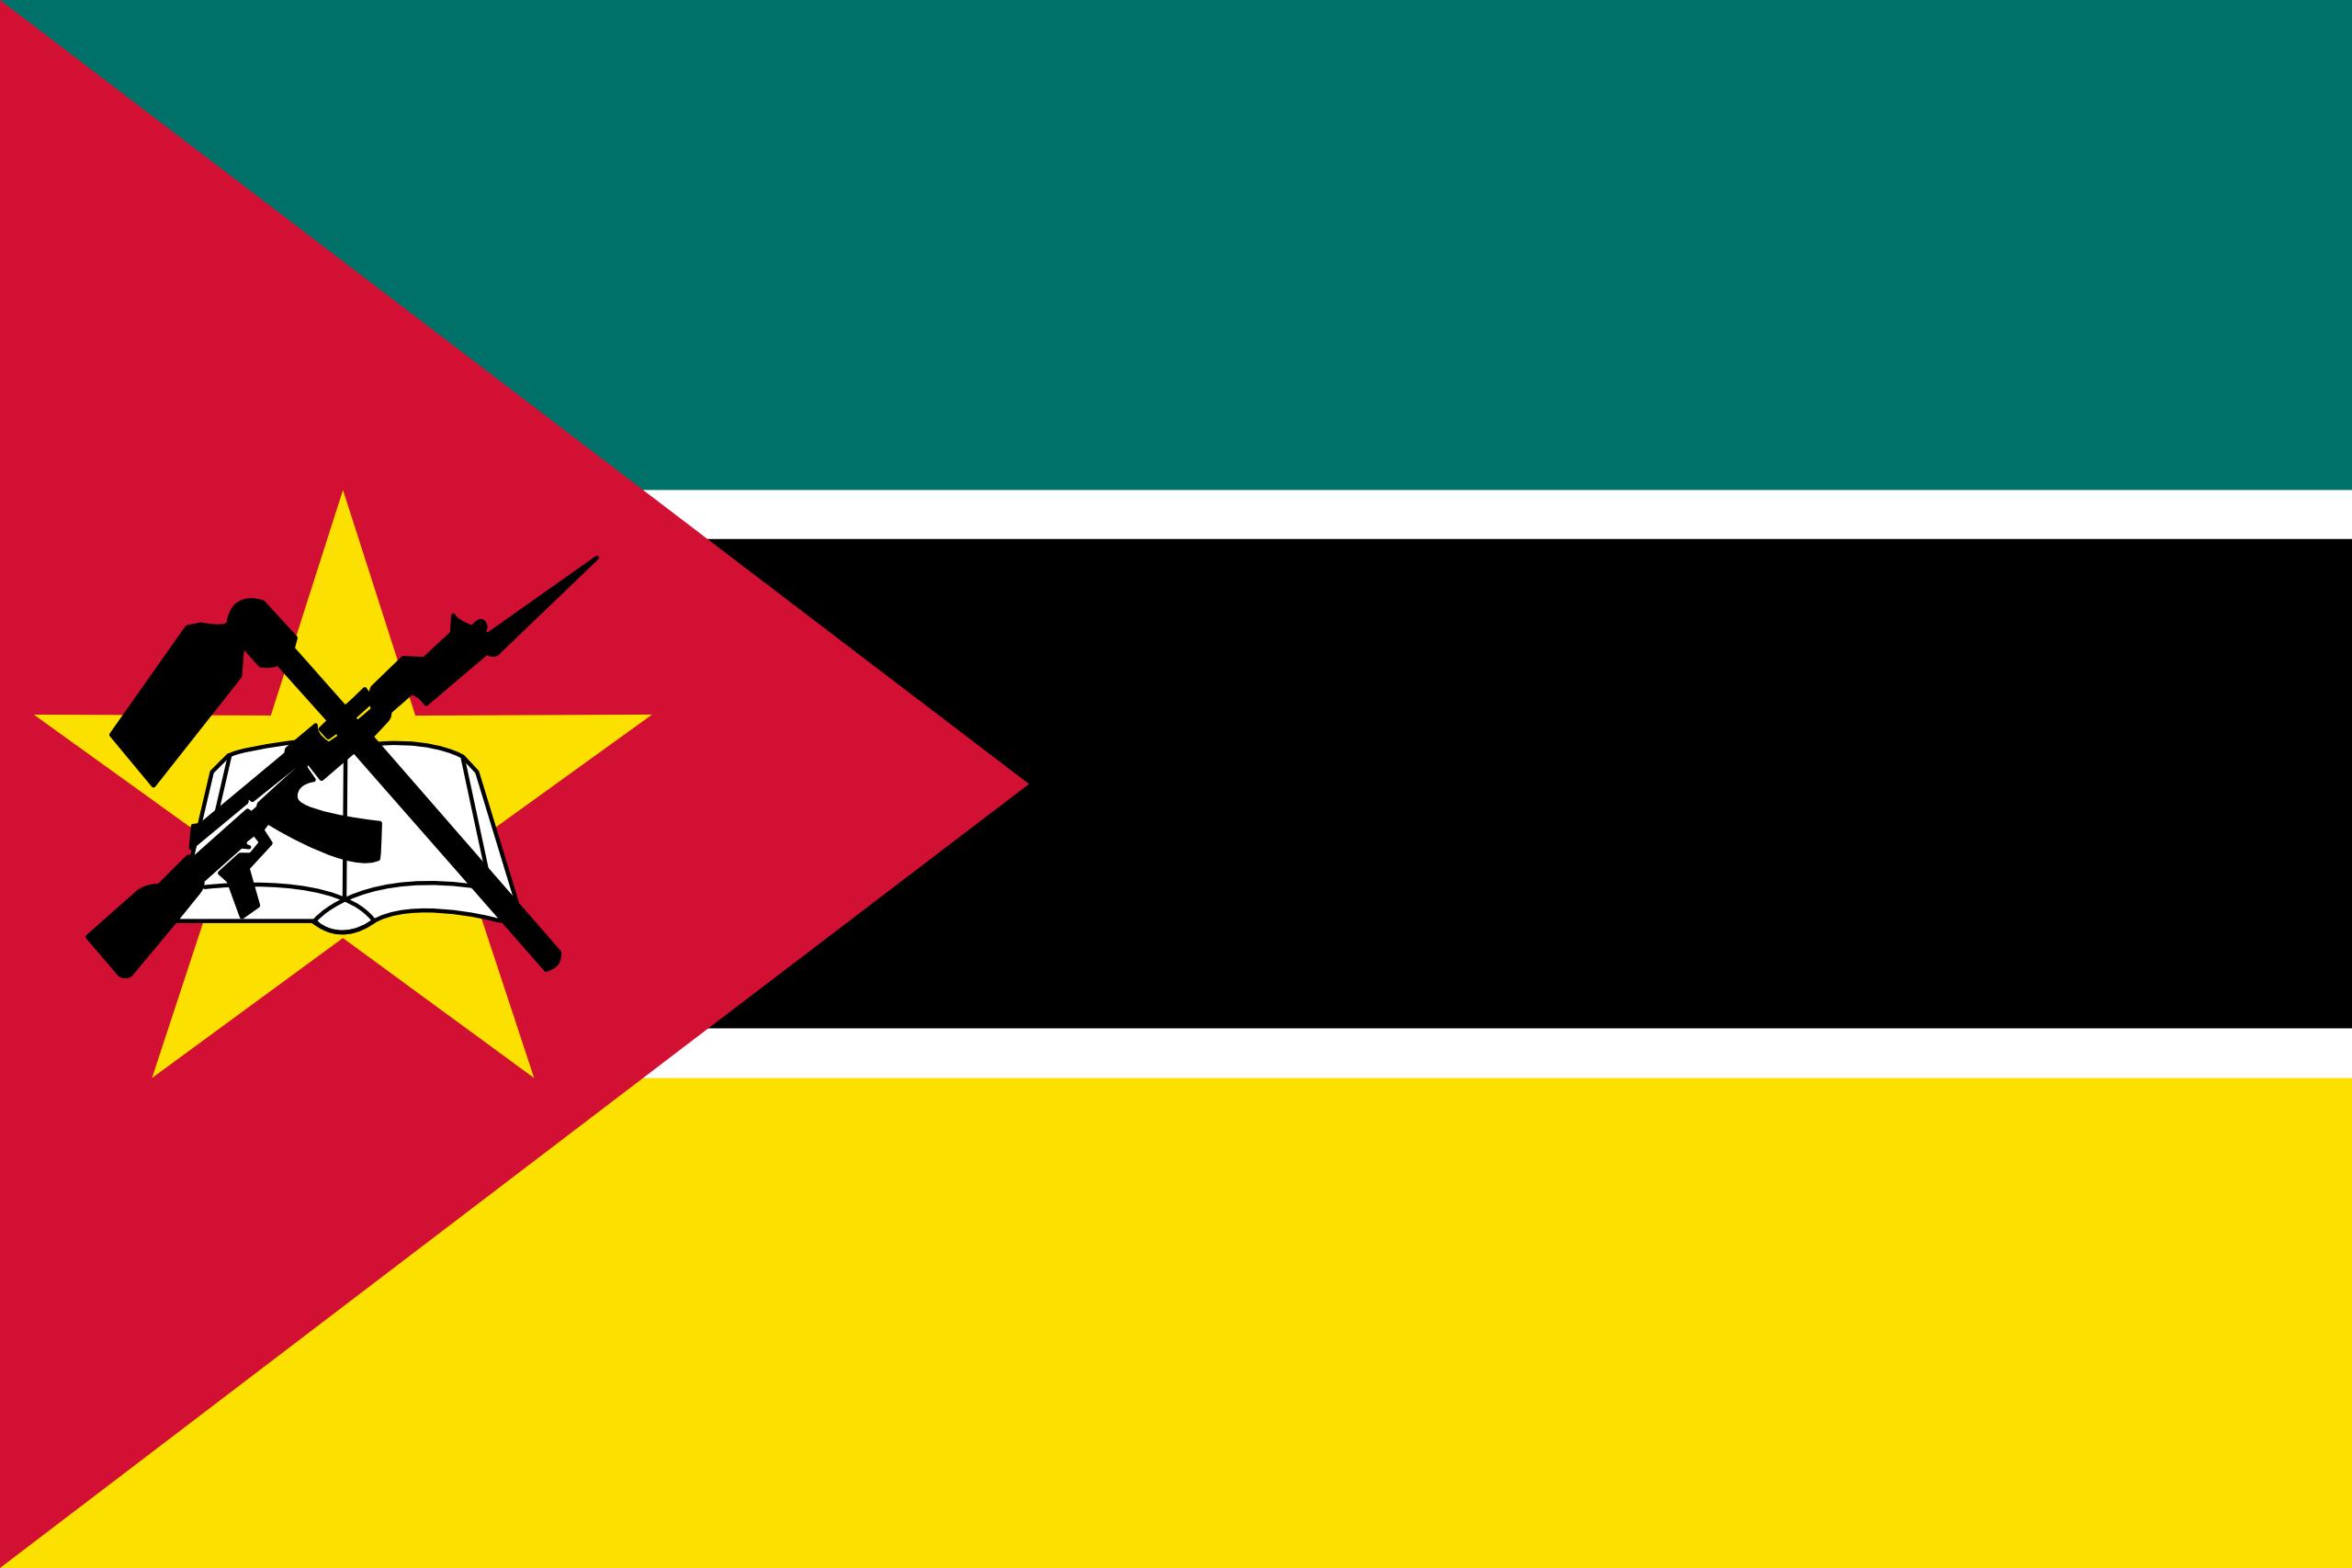 mozambique, país, emblema, insignia, símbolo - Fondos de Pantalla HD - professor-falken.com